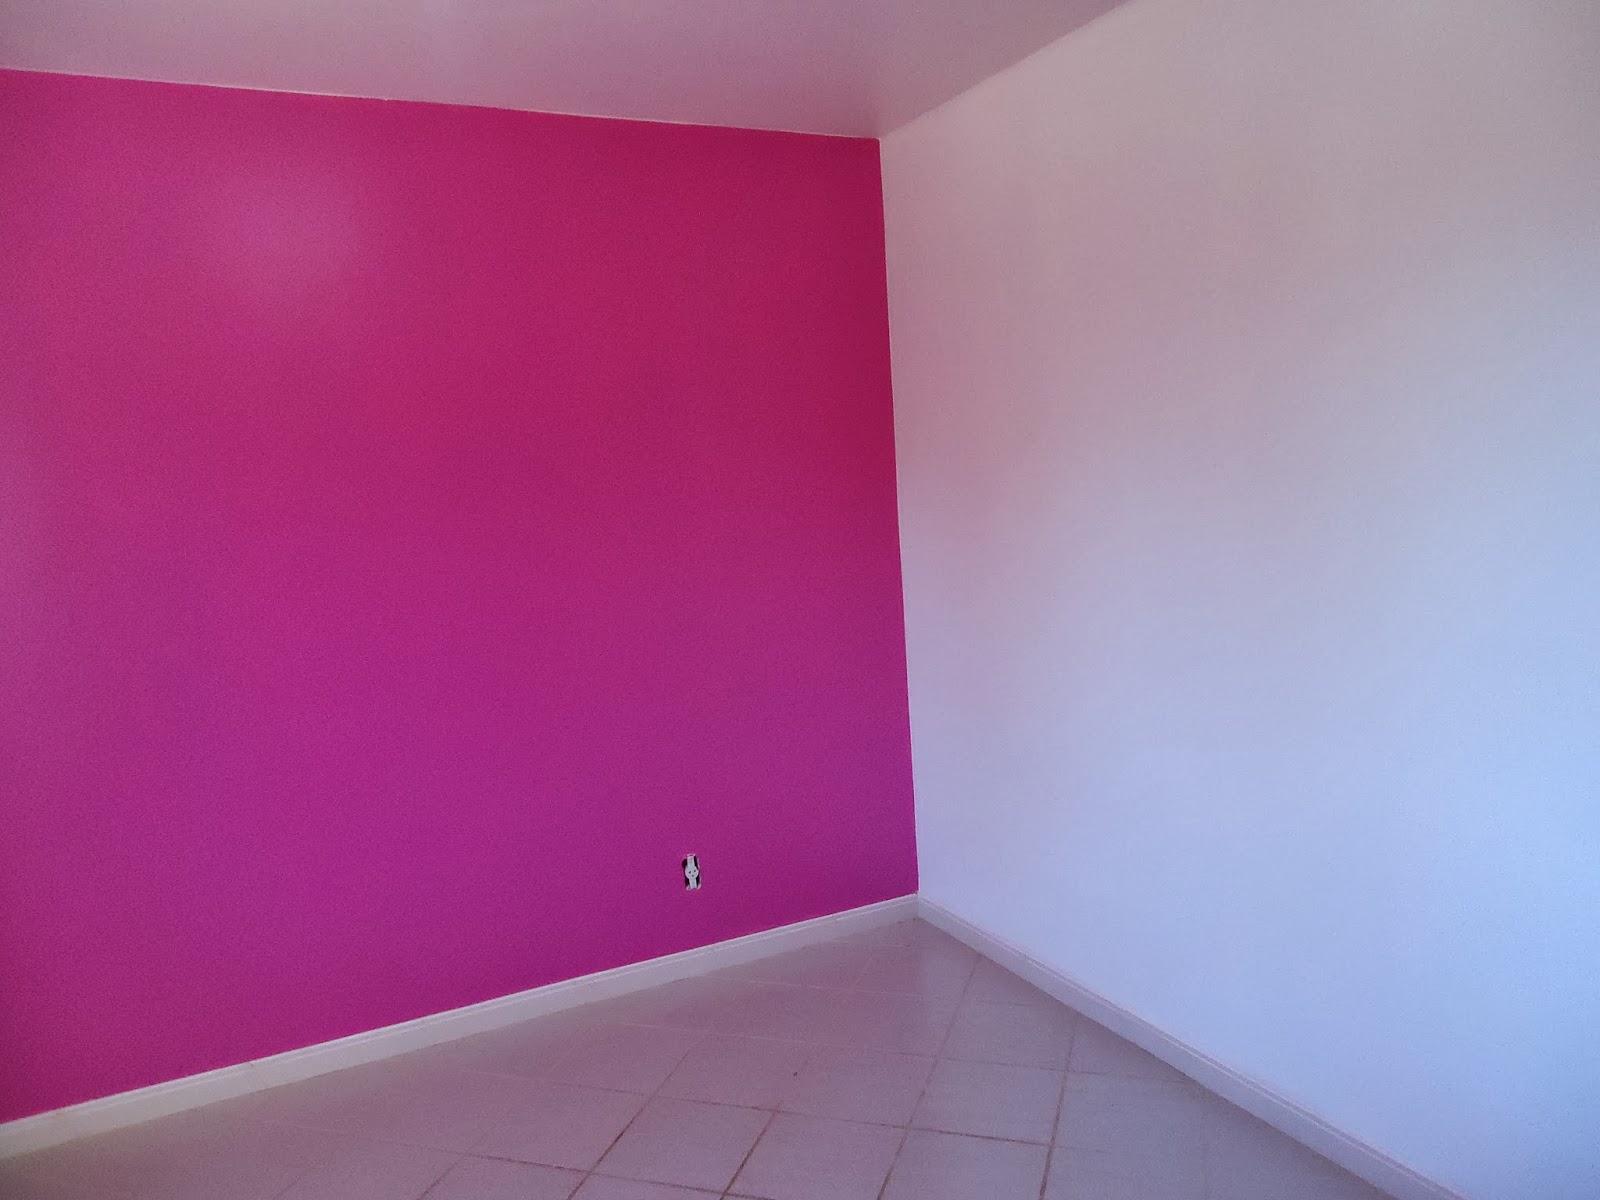 Idéias Legais Quarto Menina Pink ~ Quarto Rosa Com Lilas Combina